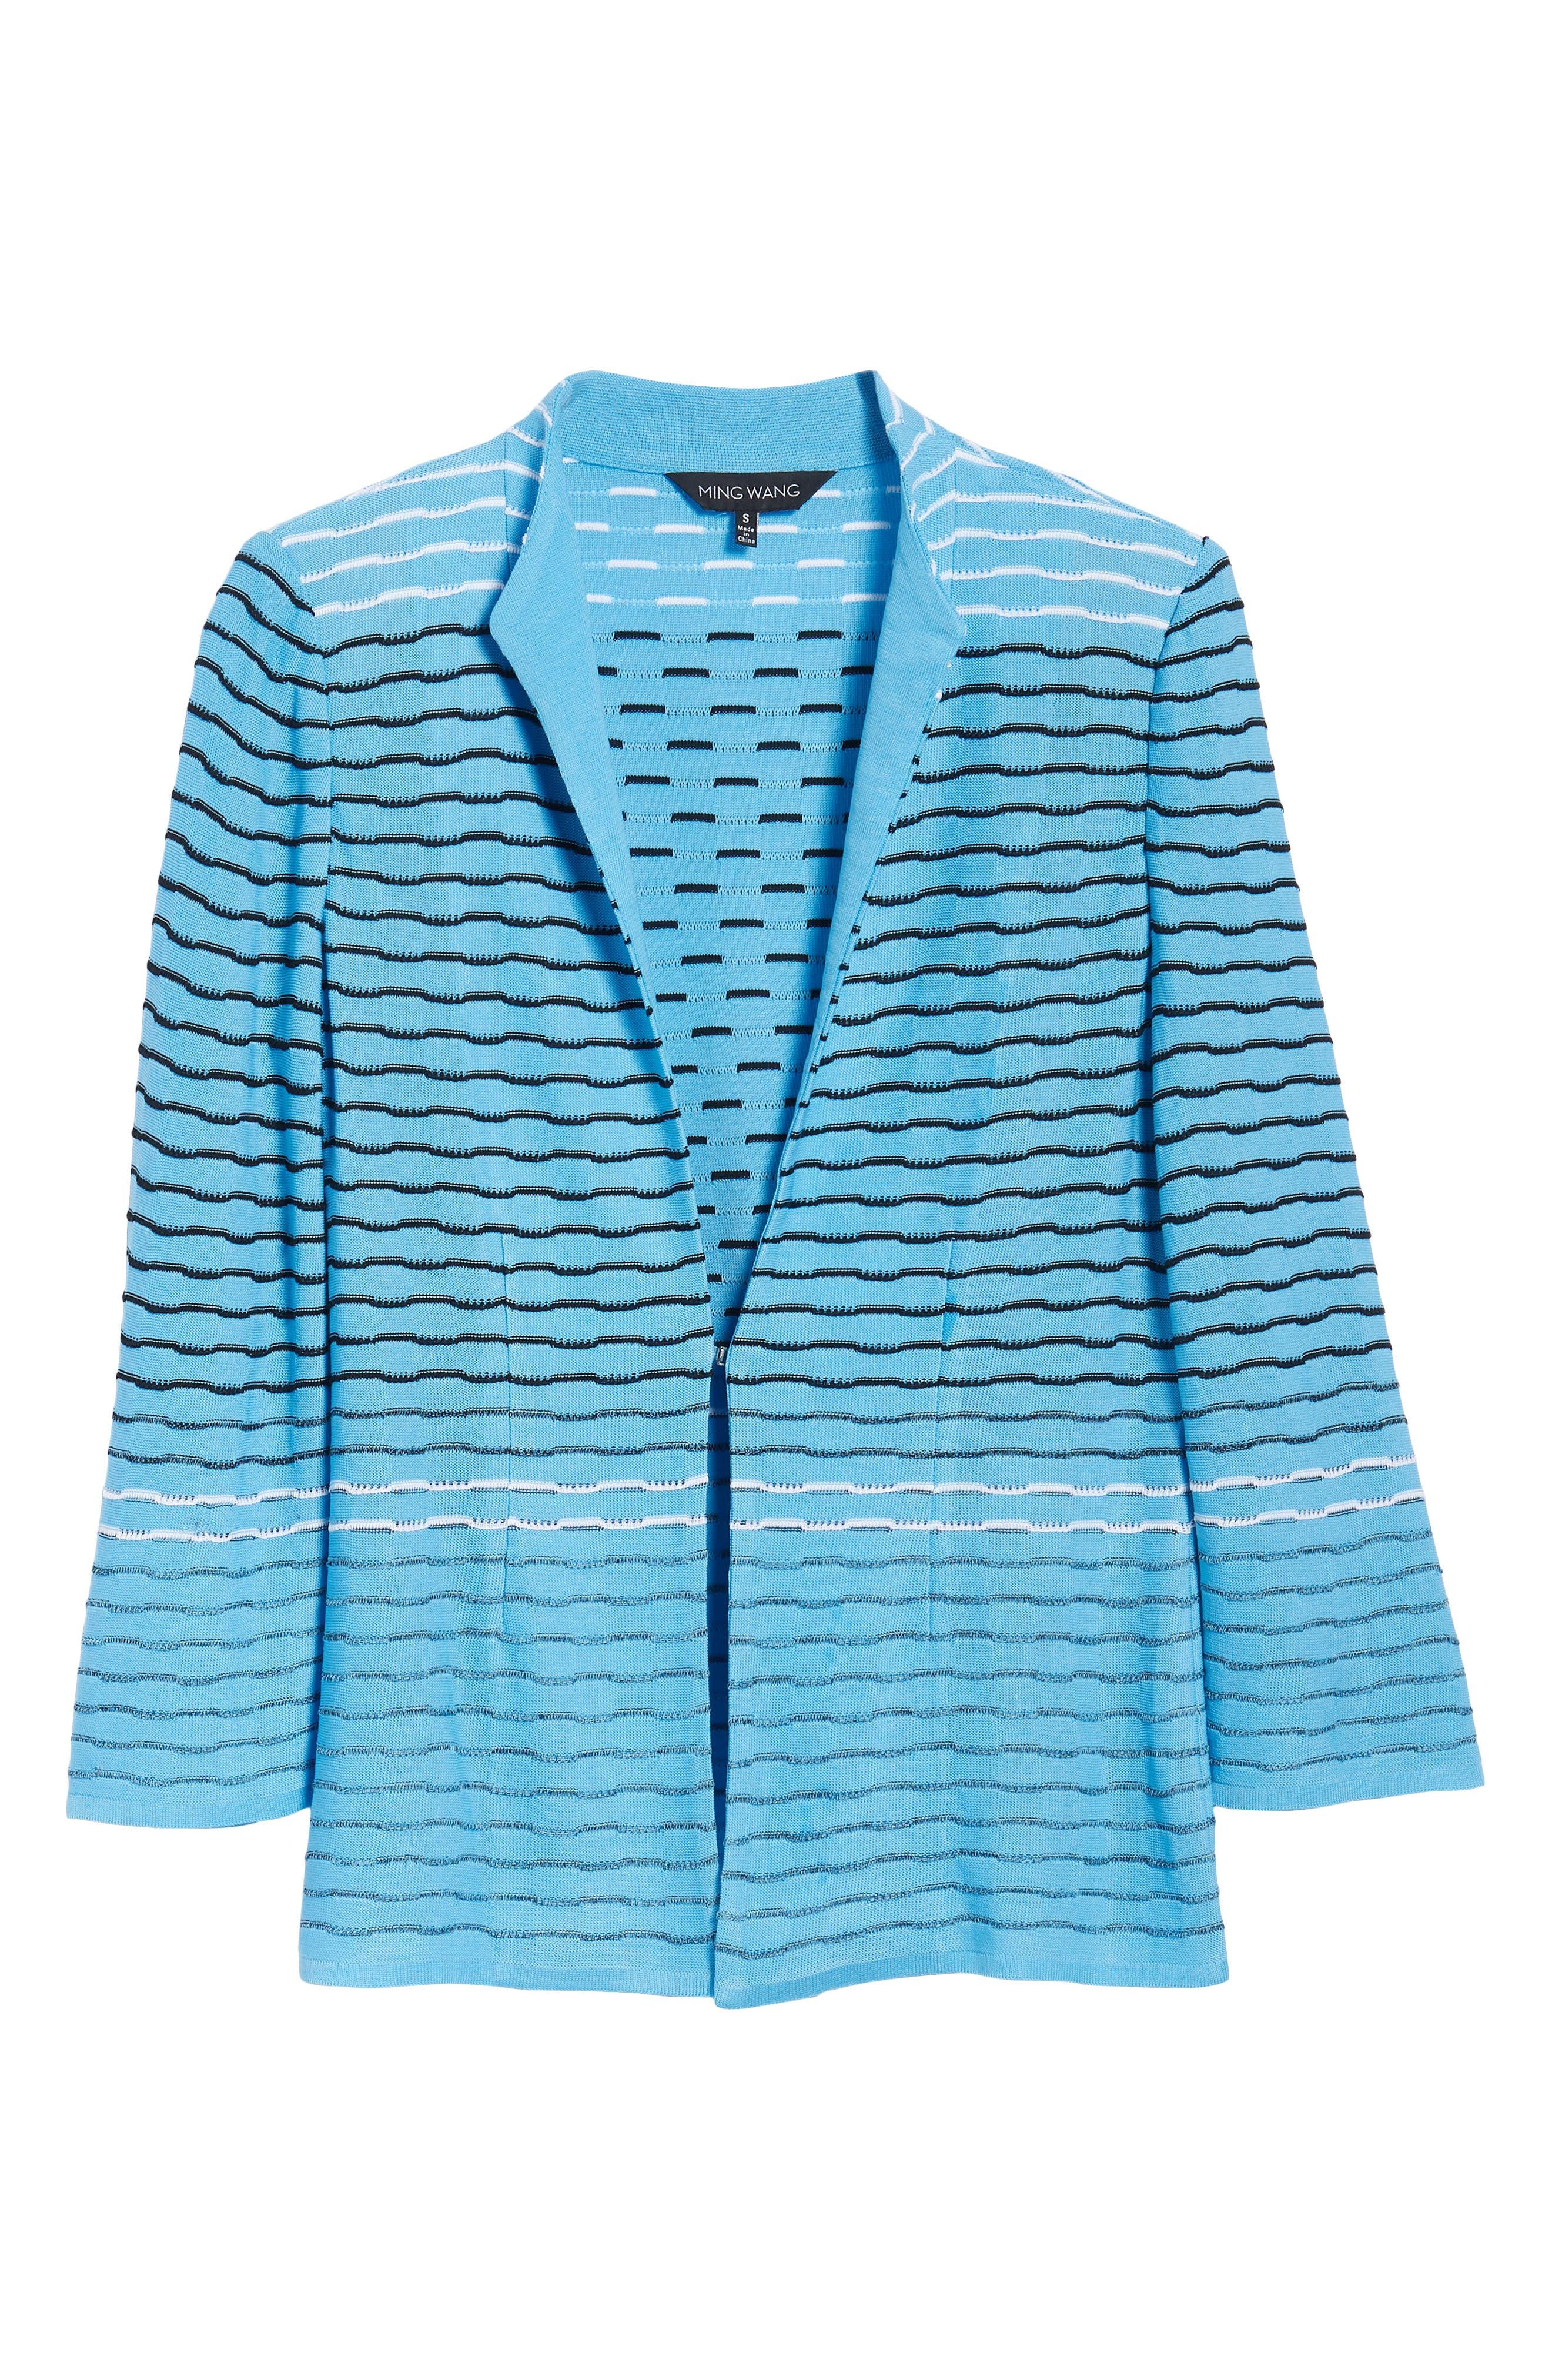 Jacquard Knit Jacket,                             Alternate thumbnail 5, color,                             BLUEBONNET/ BLACK/ WHITE